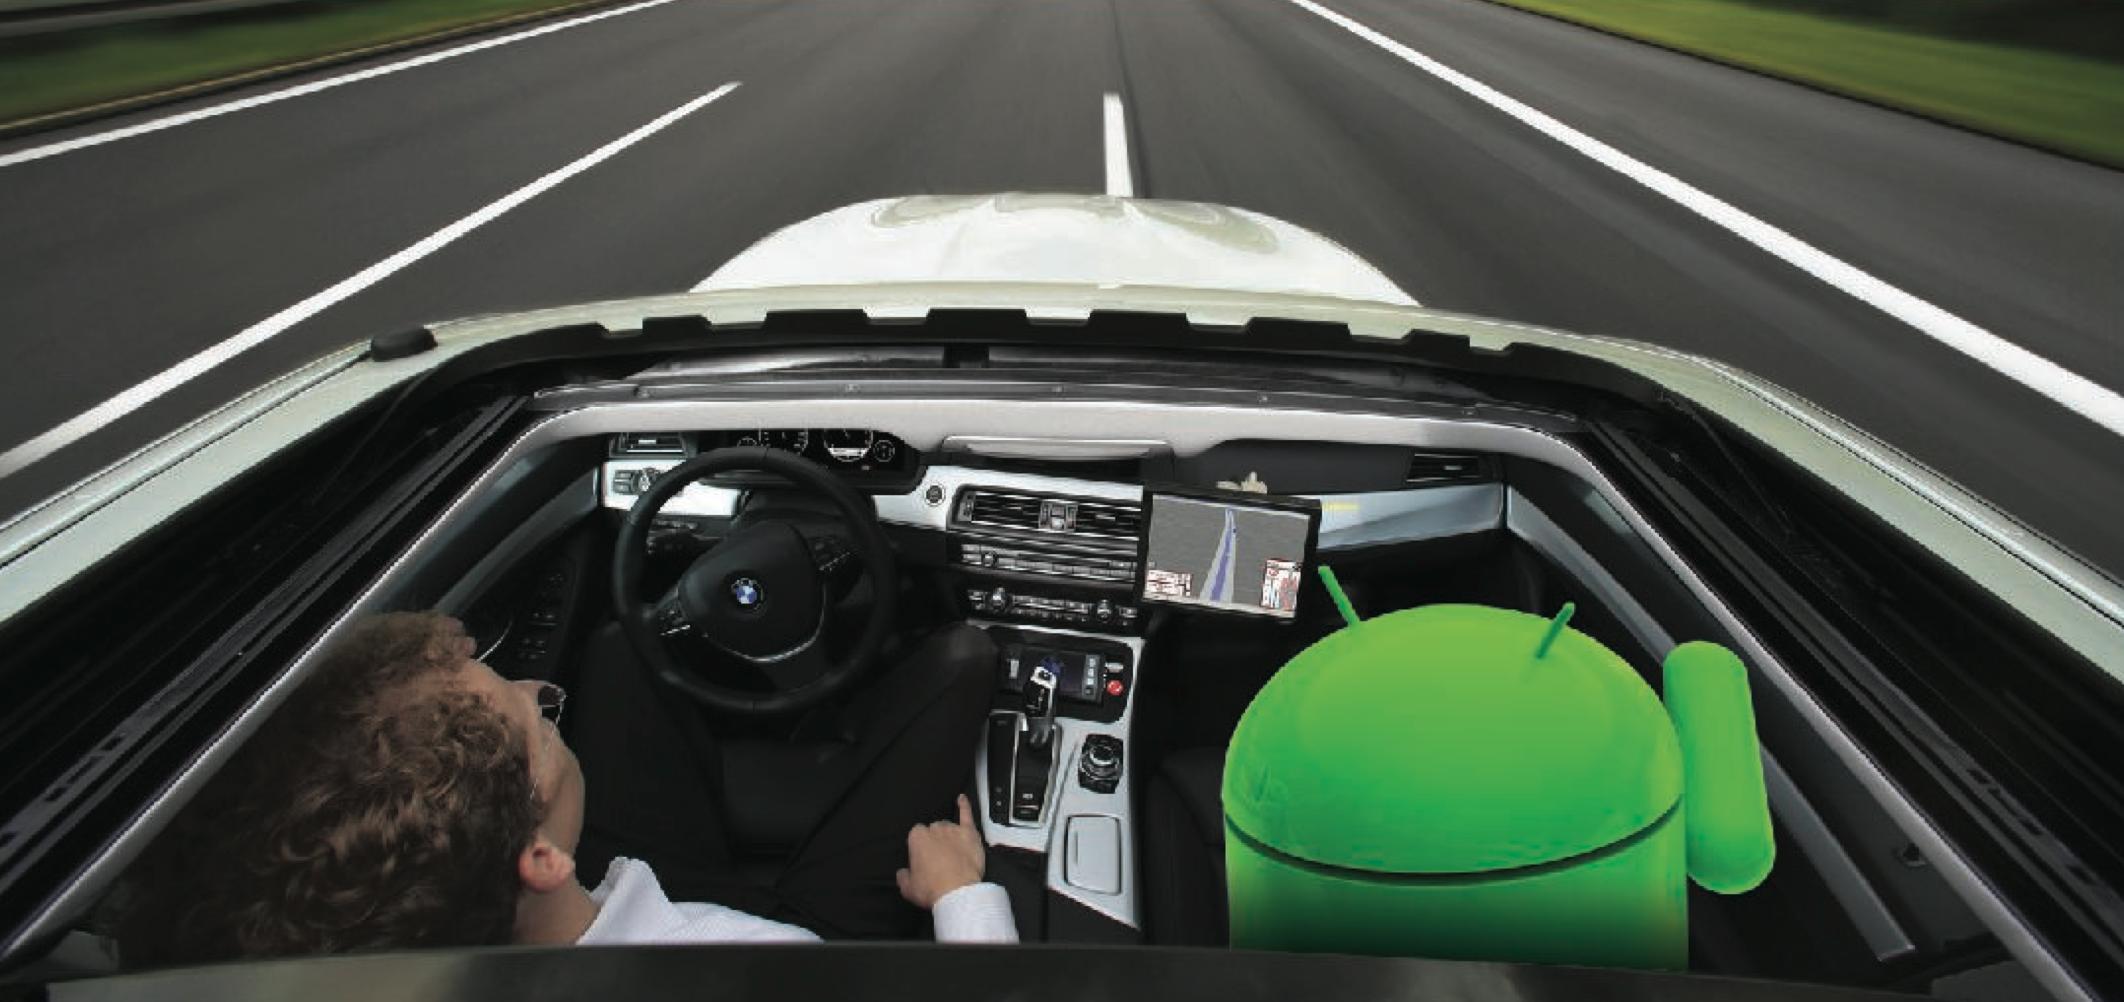 automobile les voitures intelligentes de demain. Black Bedroom Furniture Sets. Home Design Ideas